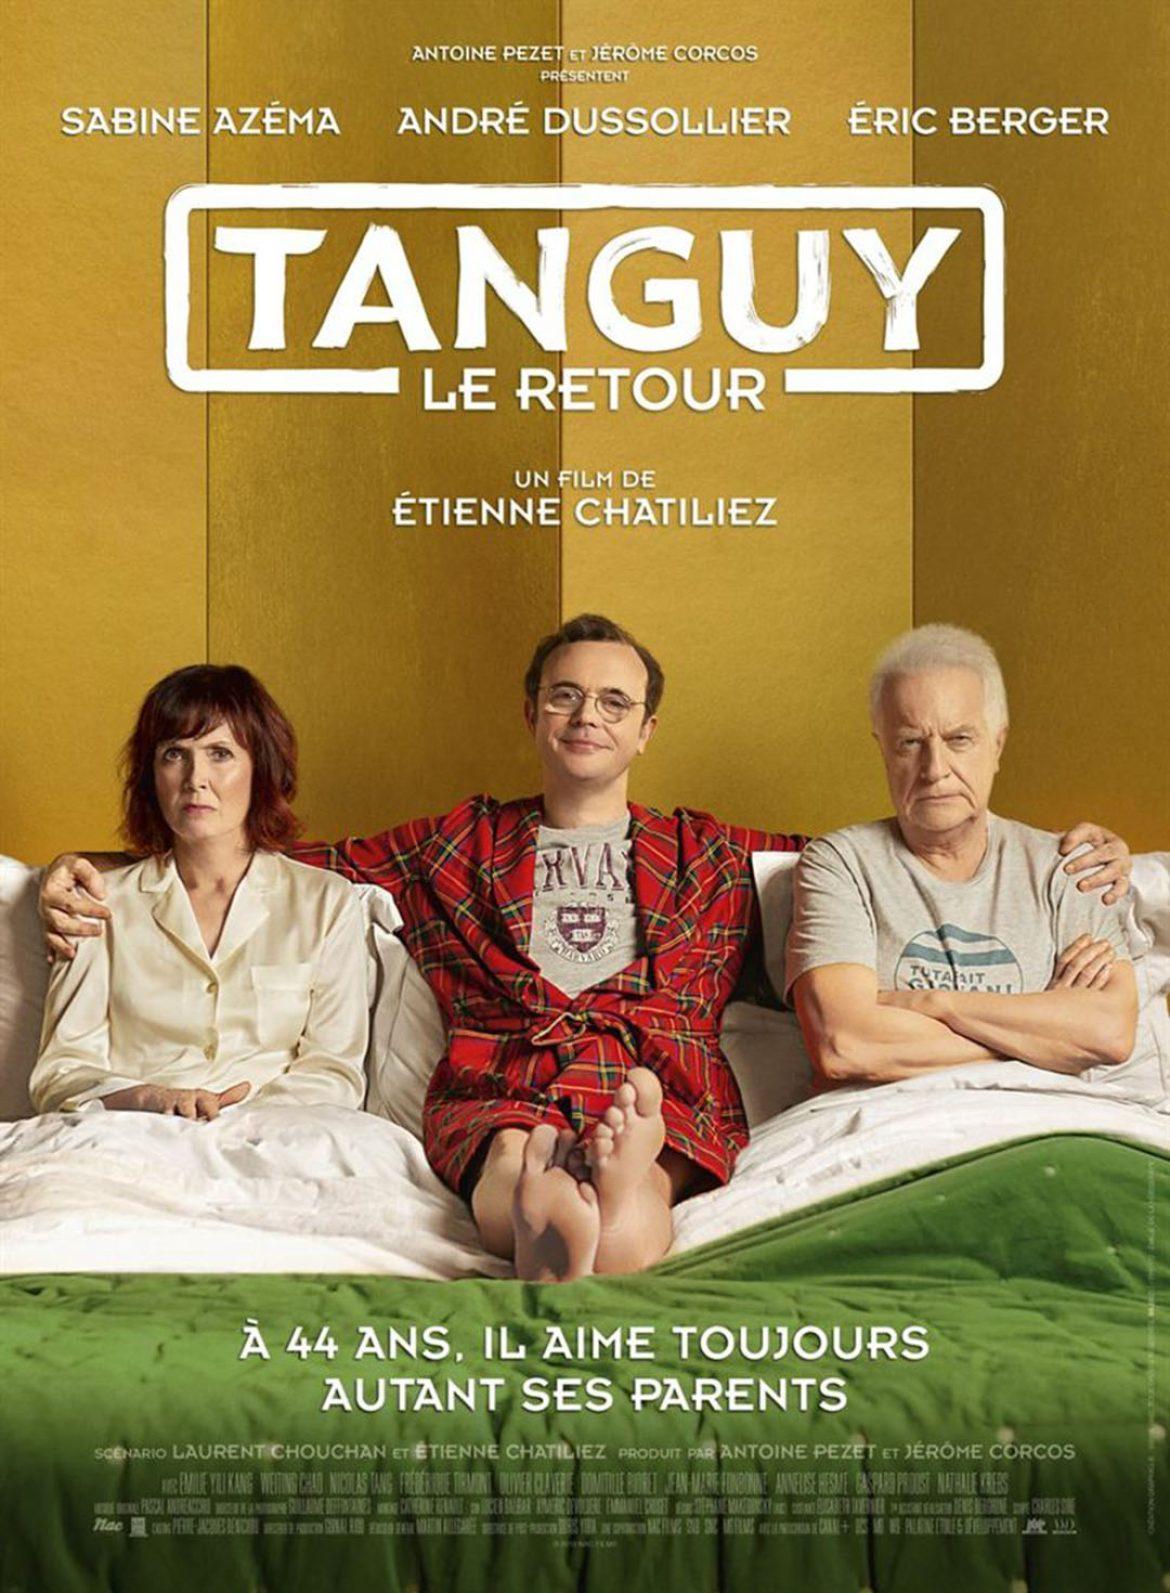 Ciné pour Tous: Tanguy le retour